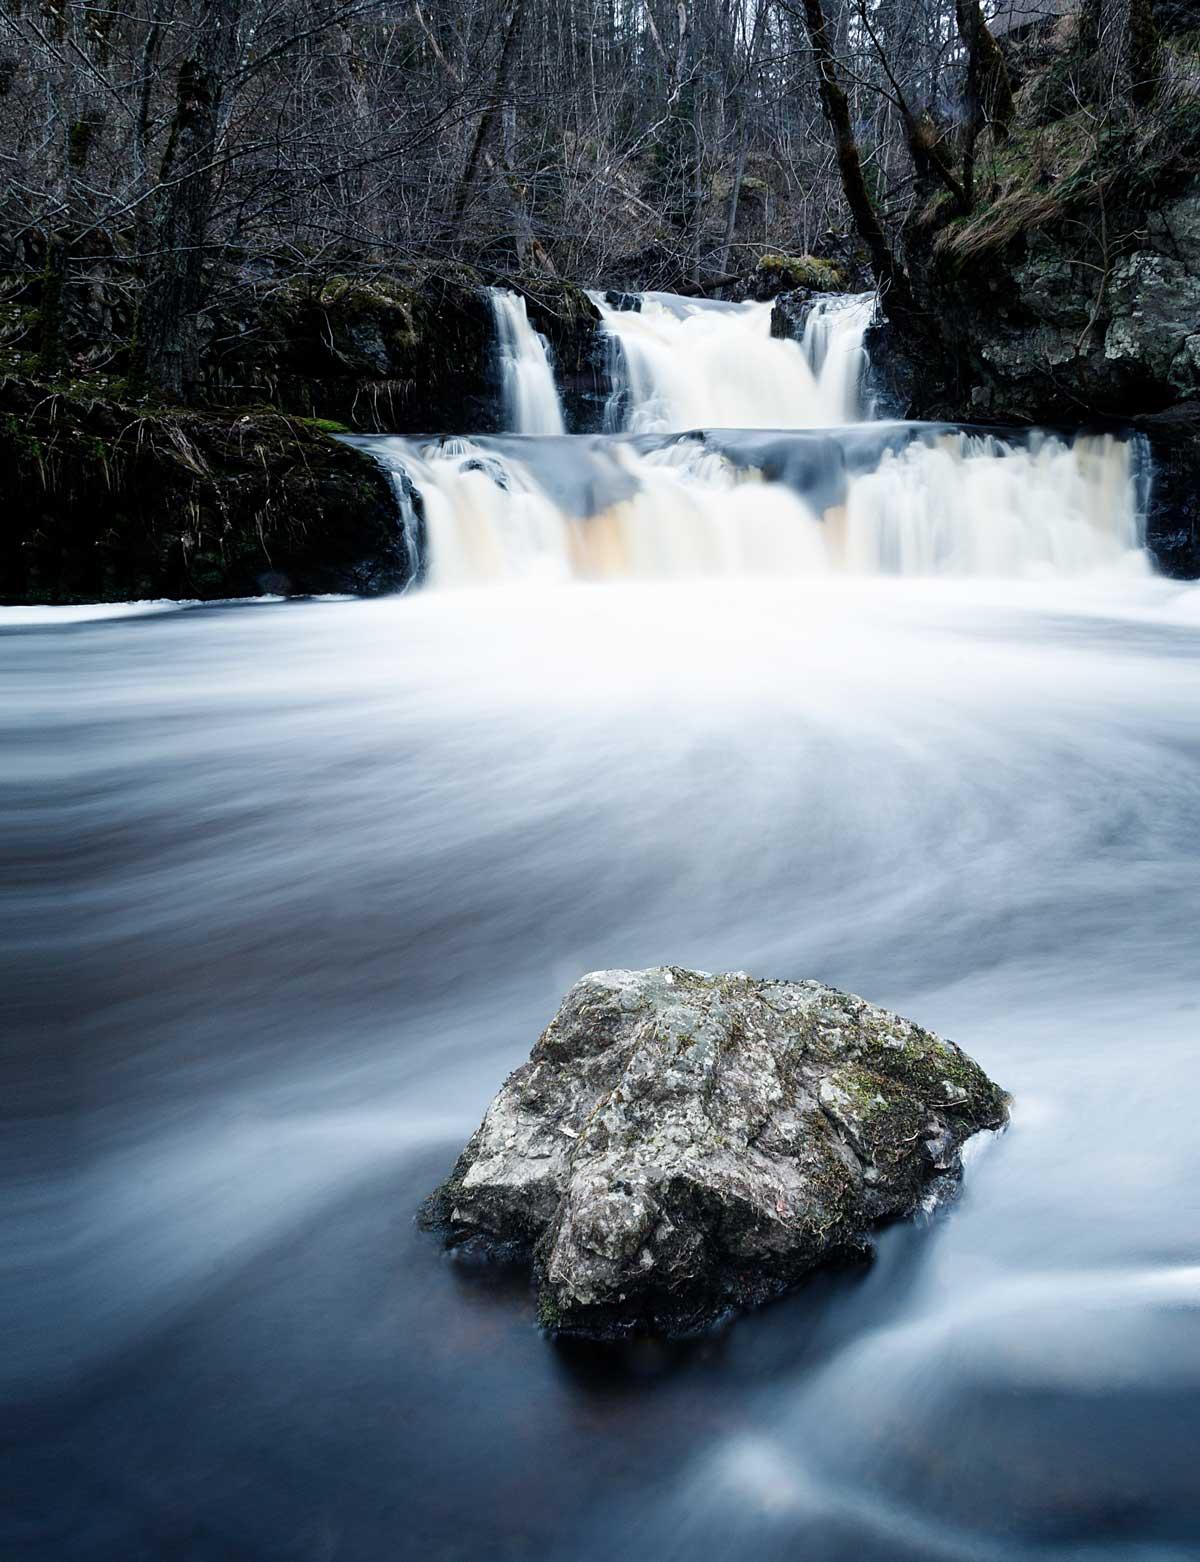 Hallamölle Vandfald - Skånes højeste vandfald